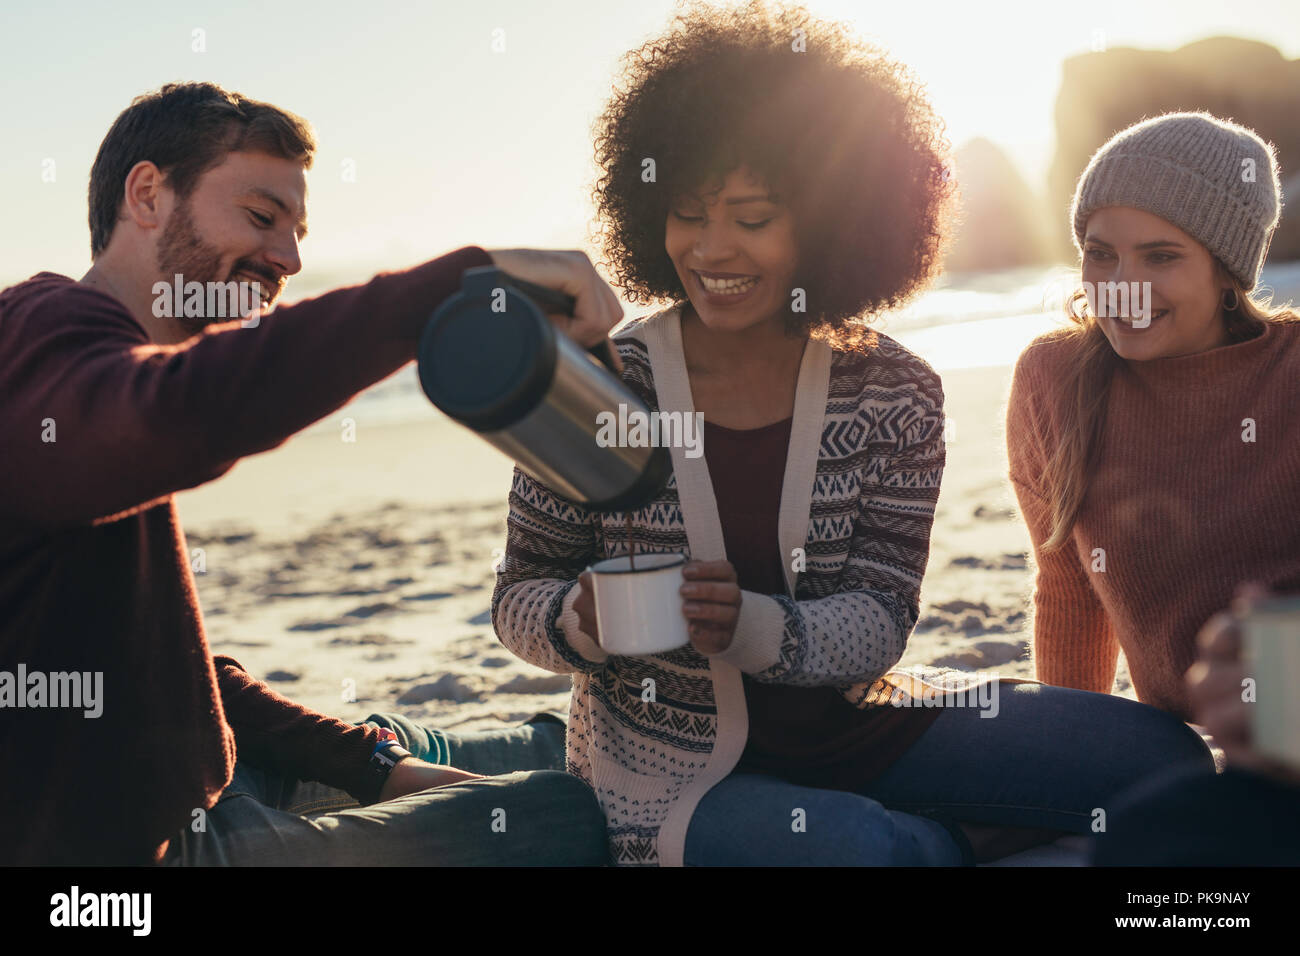 El hombre vierte café en taza de mujer en la playa. Grupo de jóvenes amigos con café en la playa. Imagen De Stock